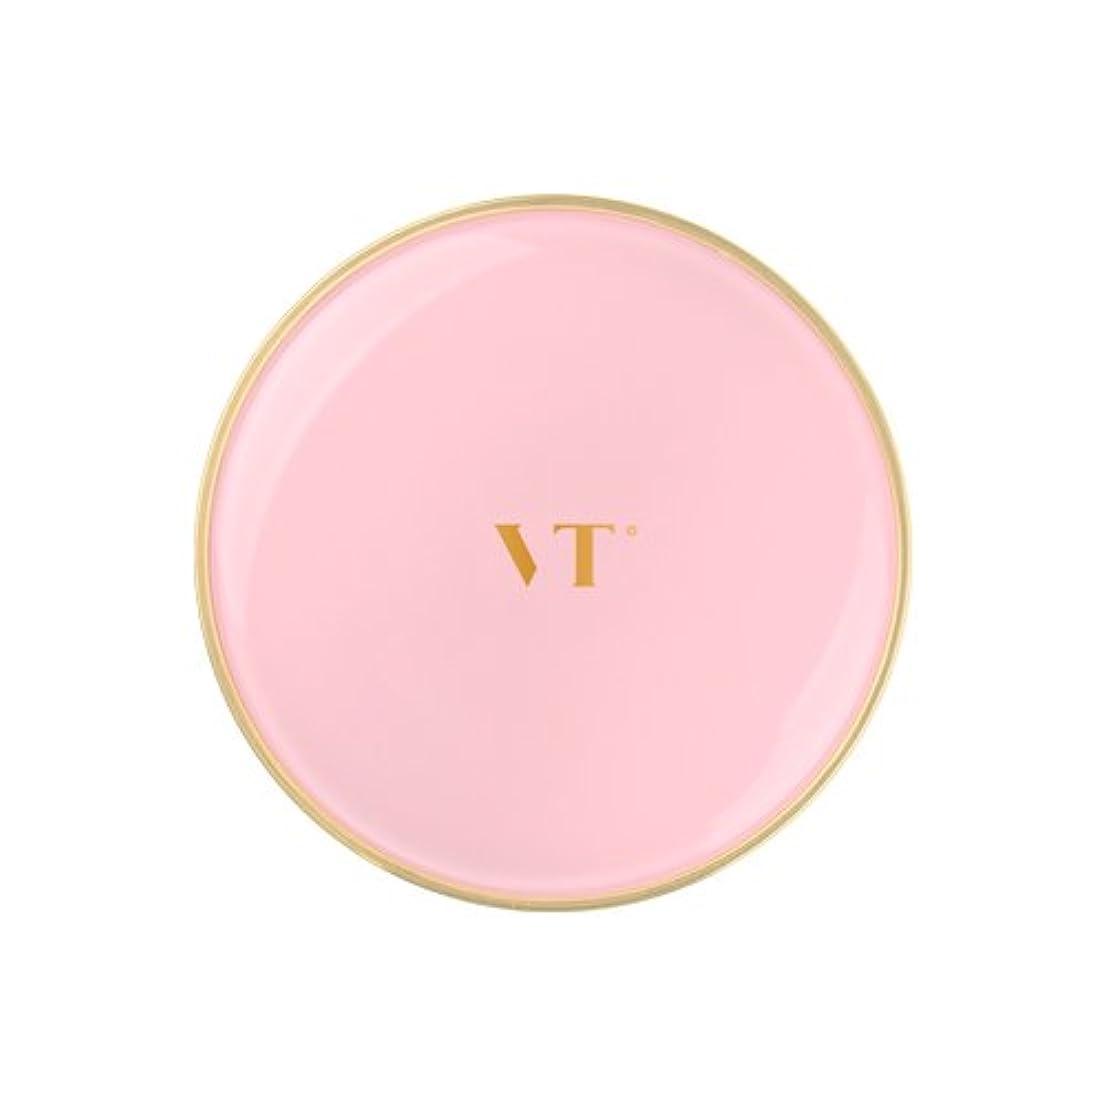 宿泊施設関税気候VT Collagen Pact 11g/ブイティー コラーゲン パクト 11g (#21) [並行輸入品]